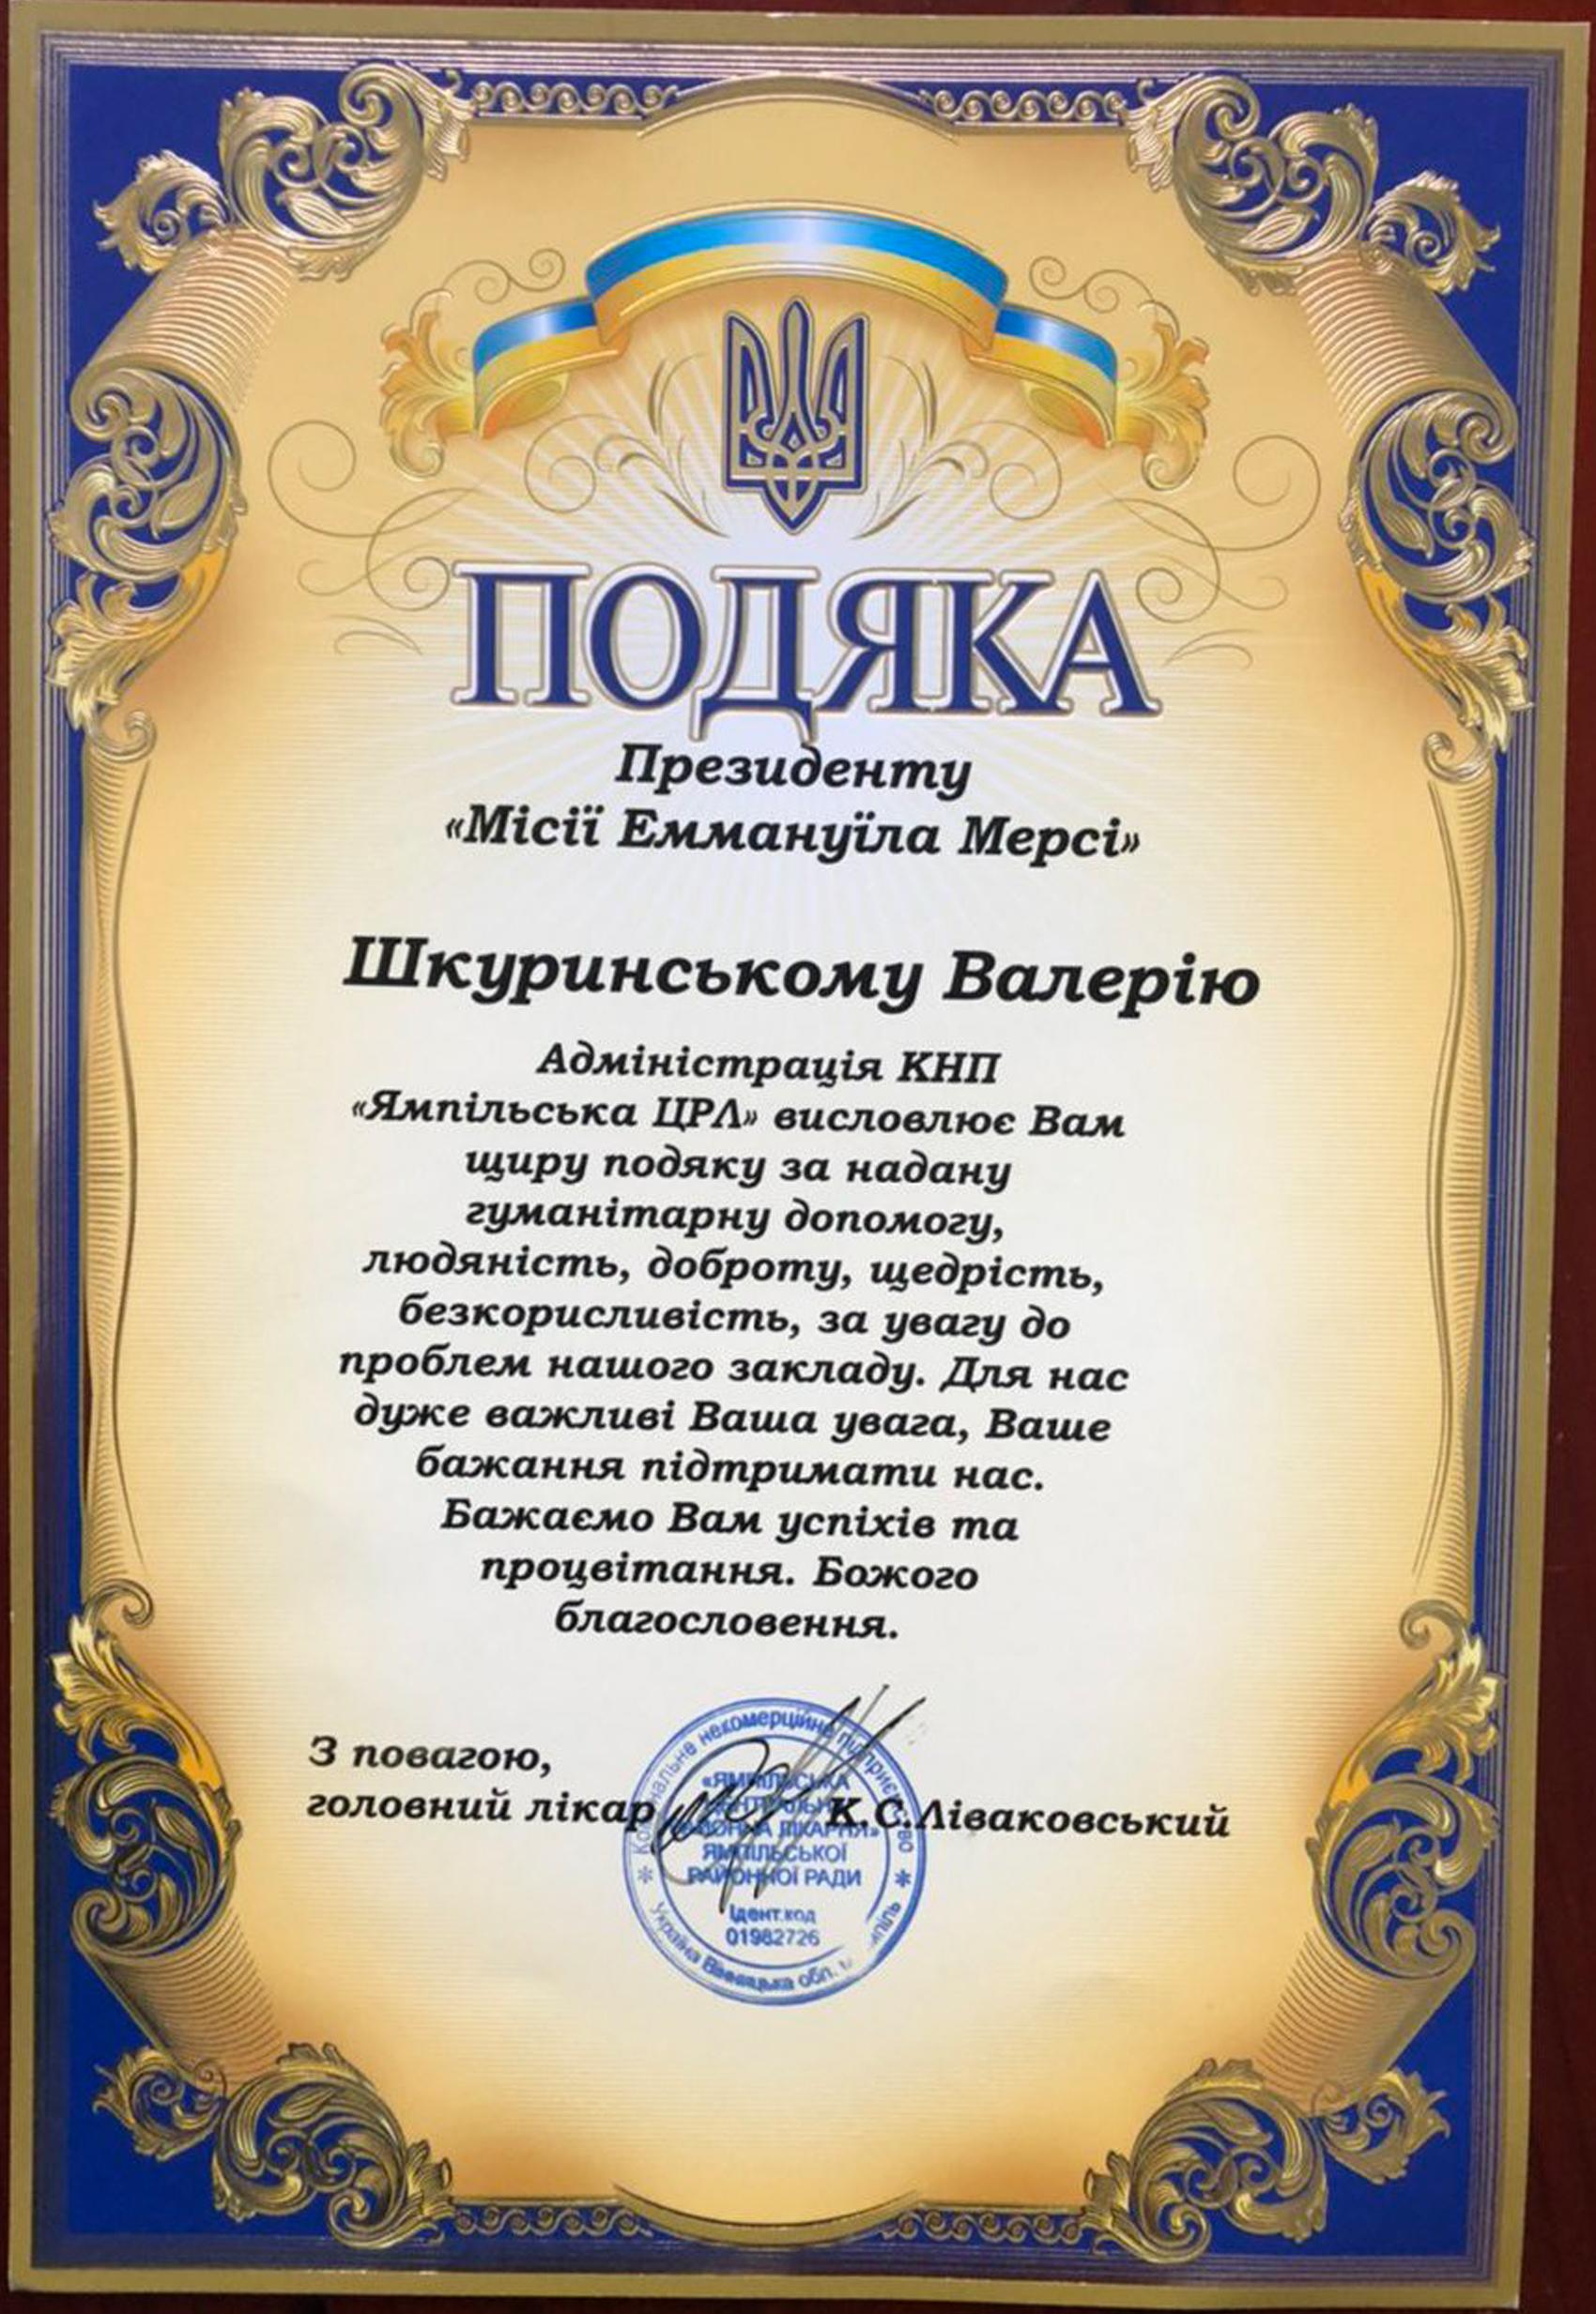 Cert-ukr-2019-6